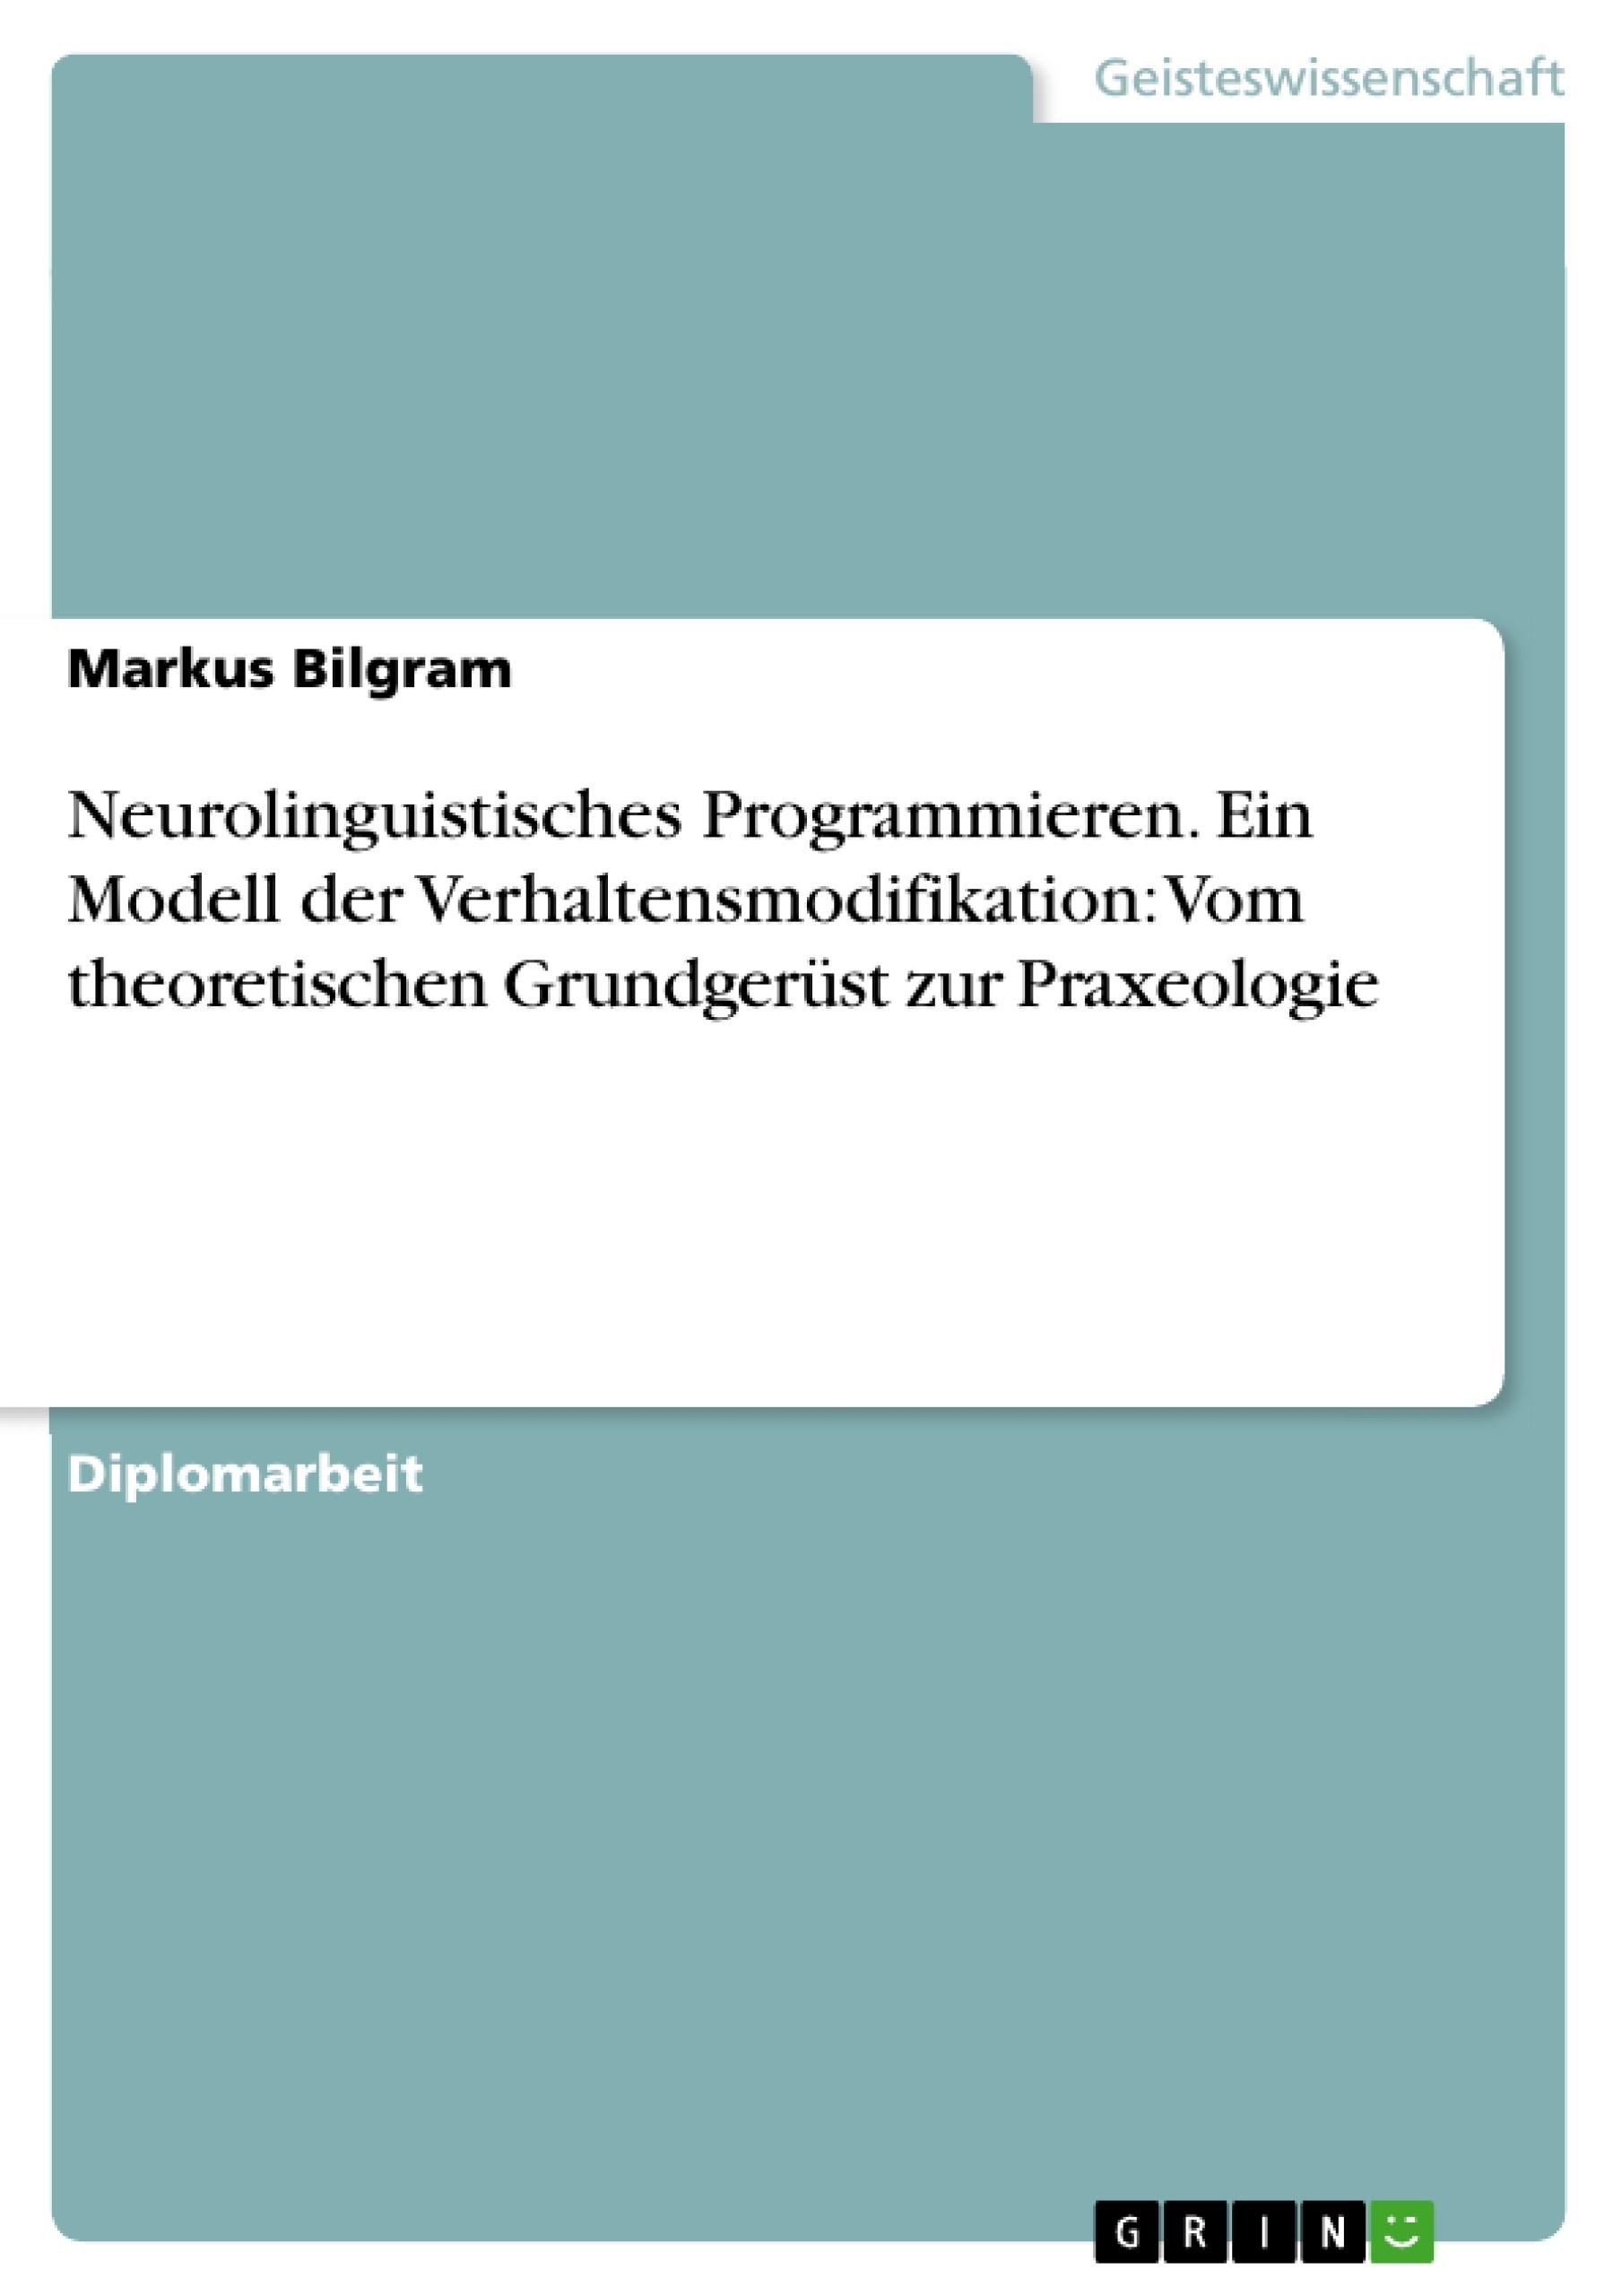 ebook Der Einflussfaktor Bündelungskosten bei Nachfragerbündelungen: